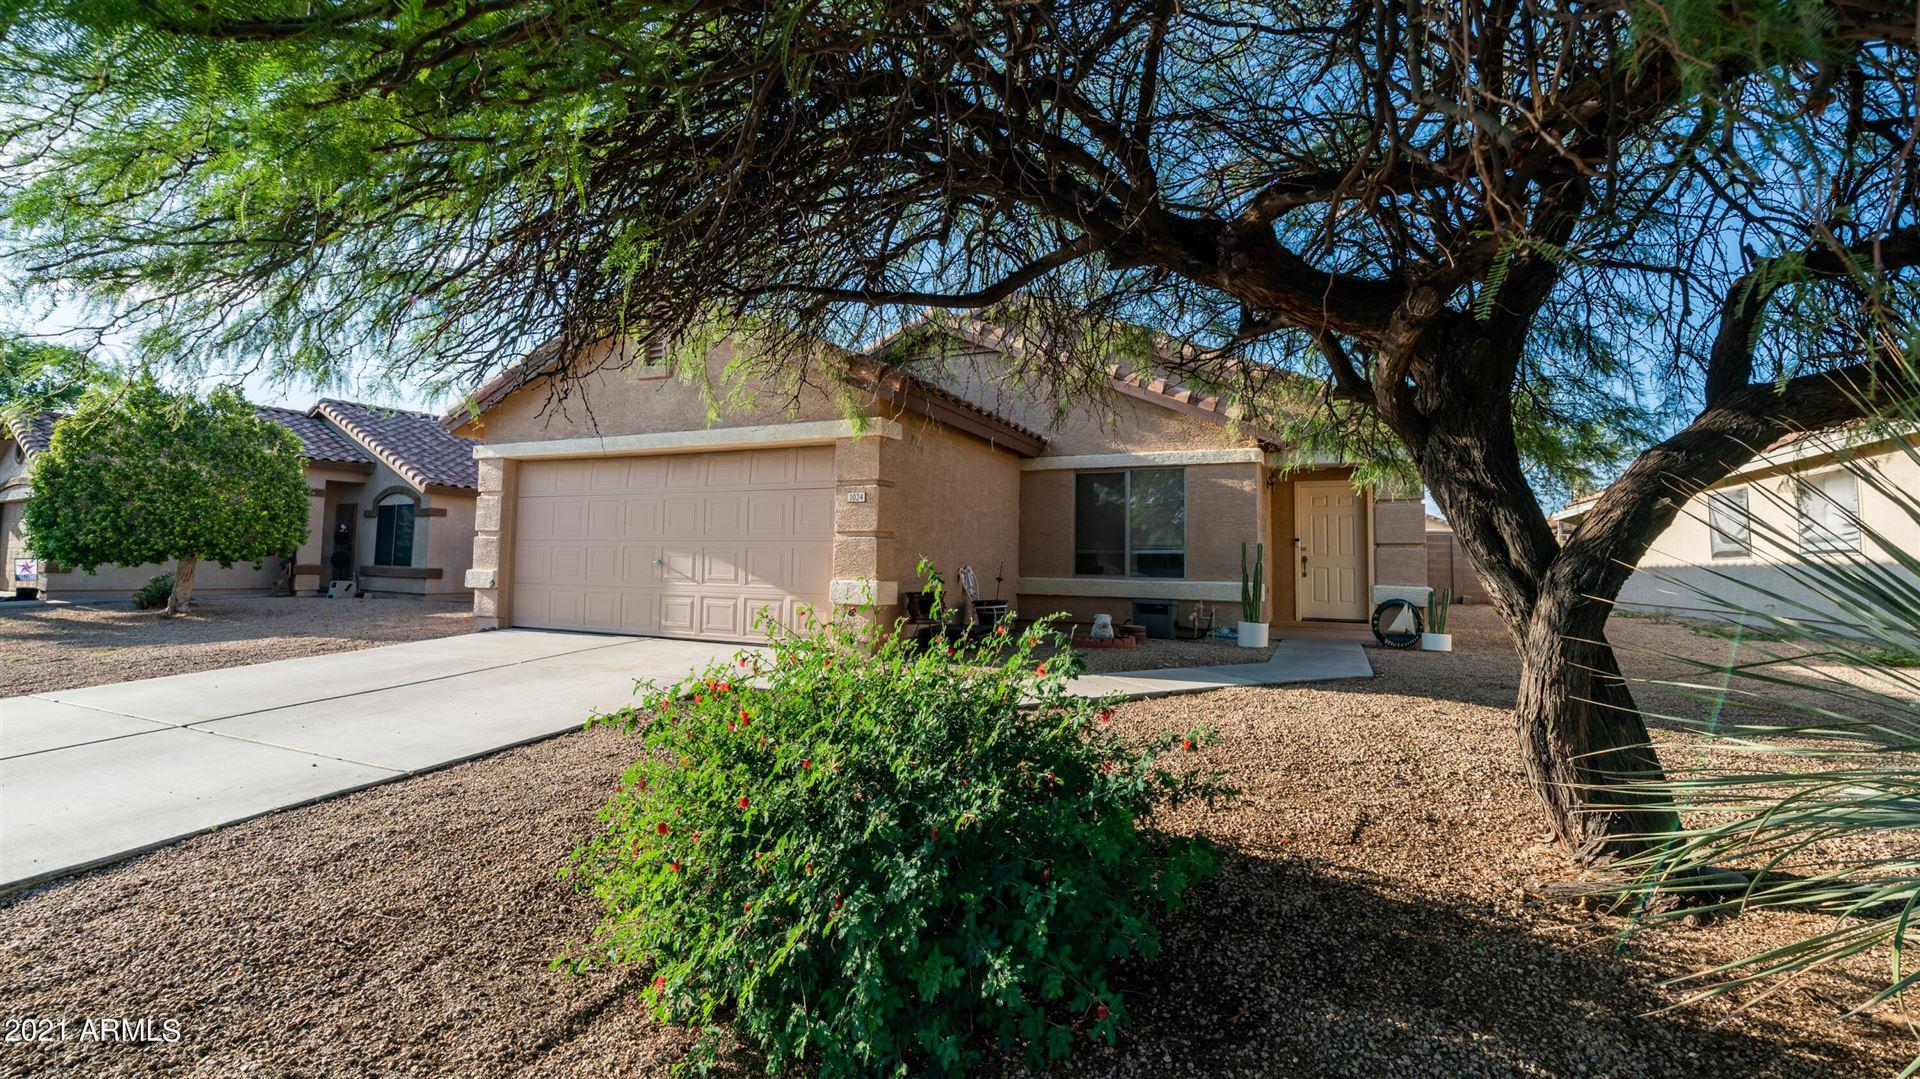 Photo of 1024 E SANTA CRUZ Lane, Apache Junction, AZ 85119 (MLS # 6288987)